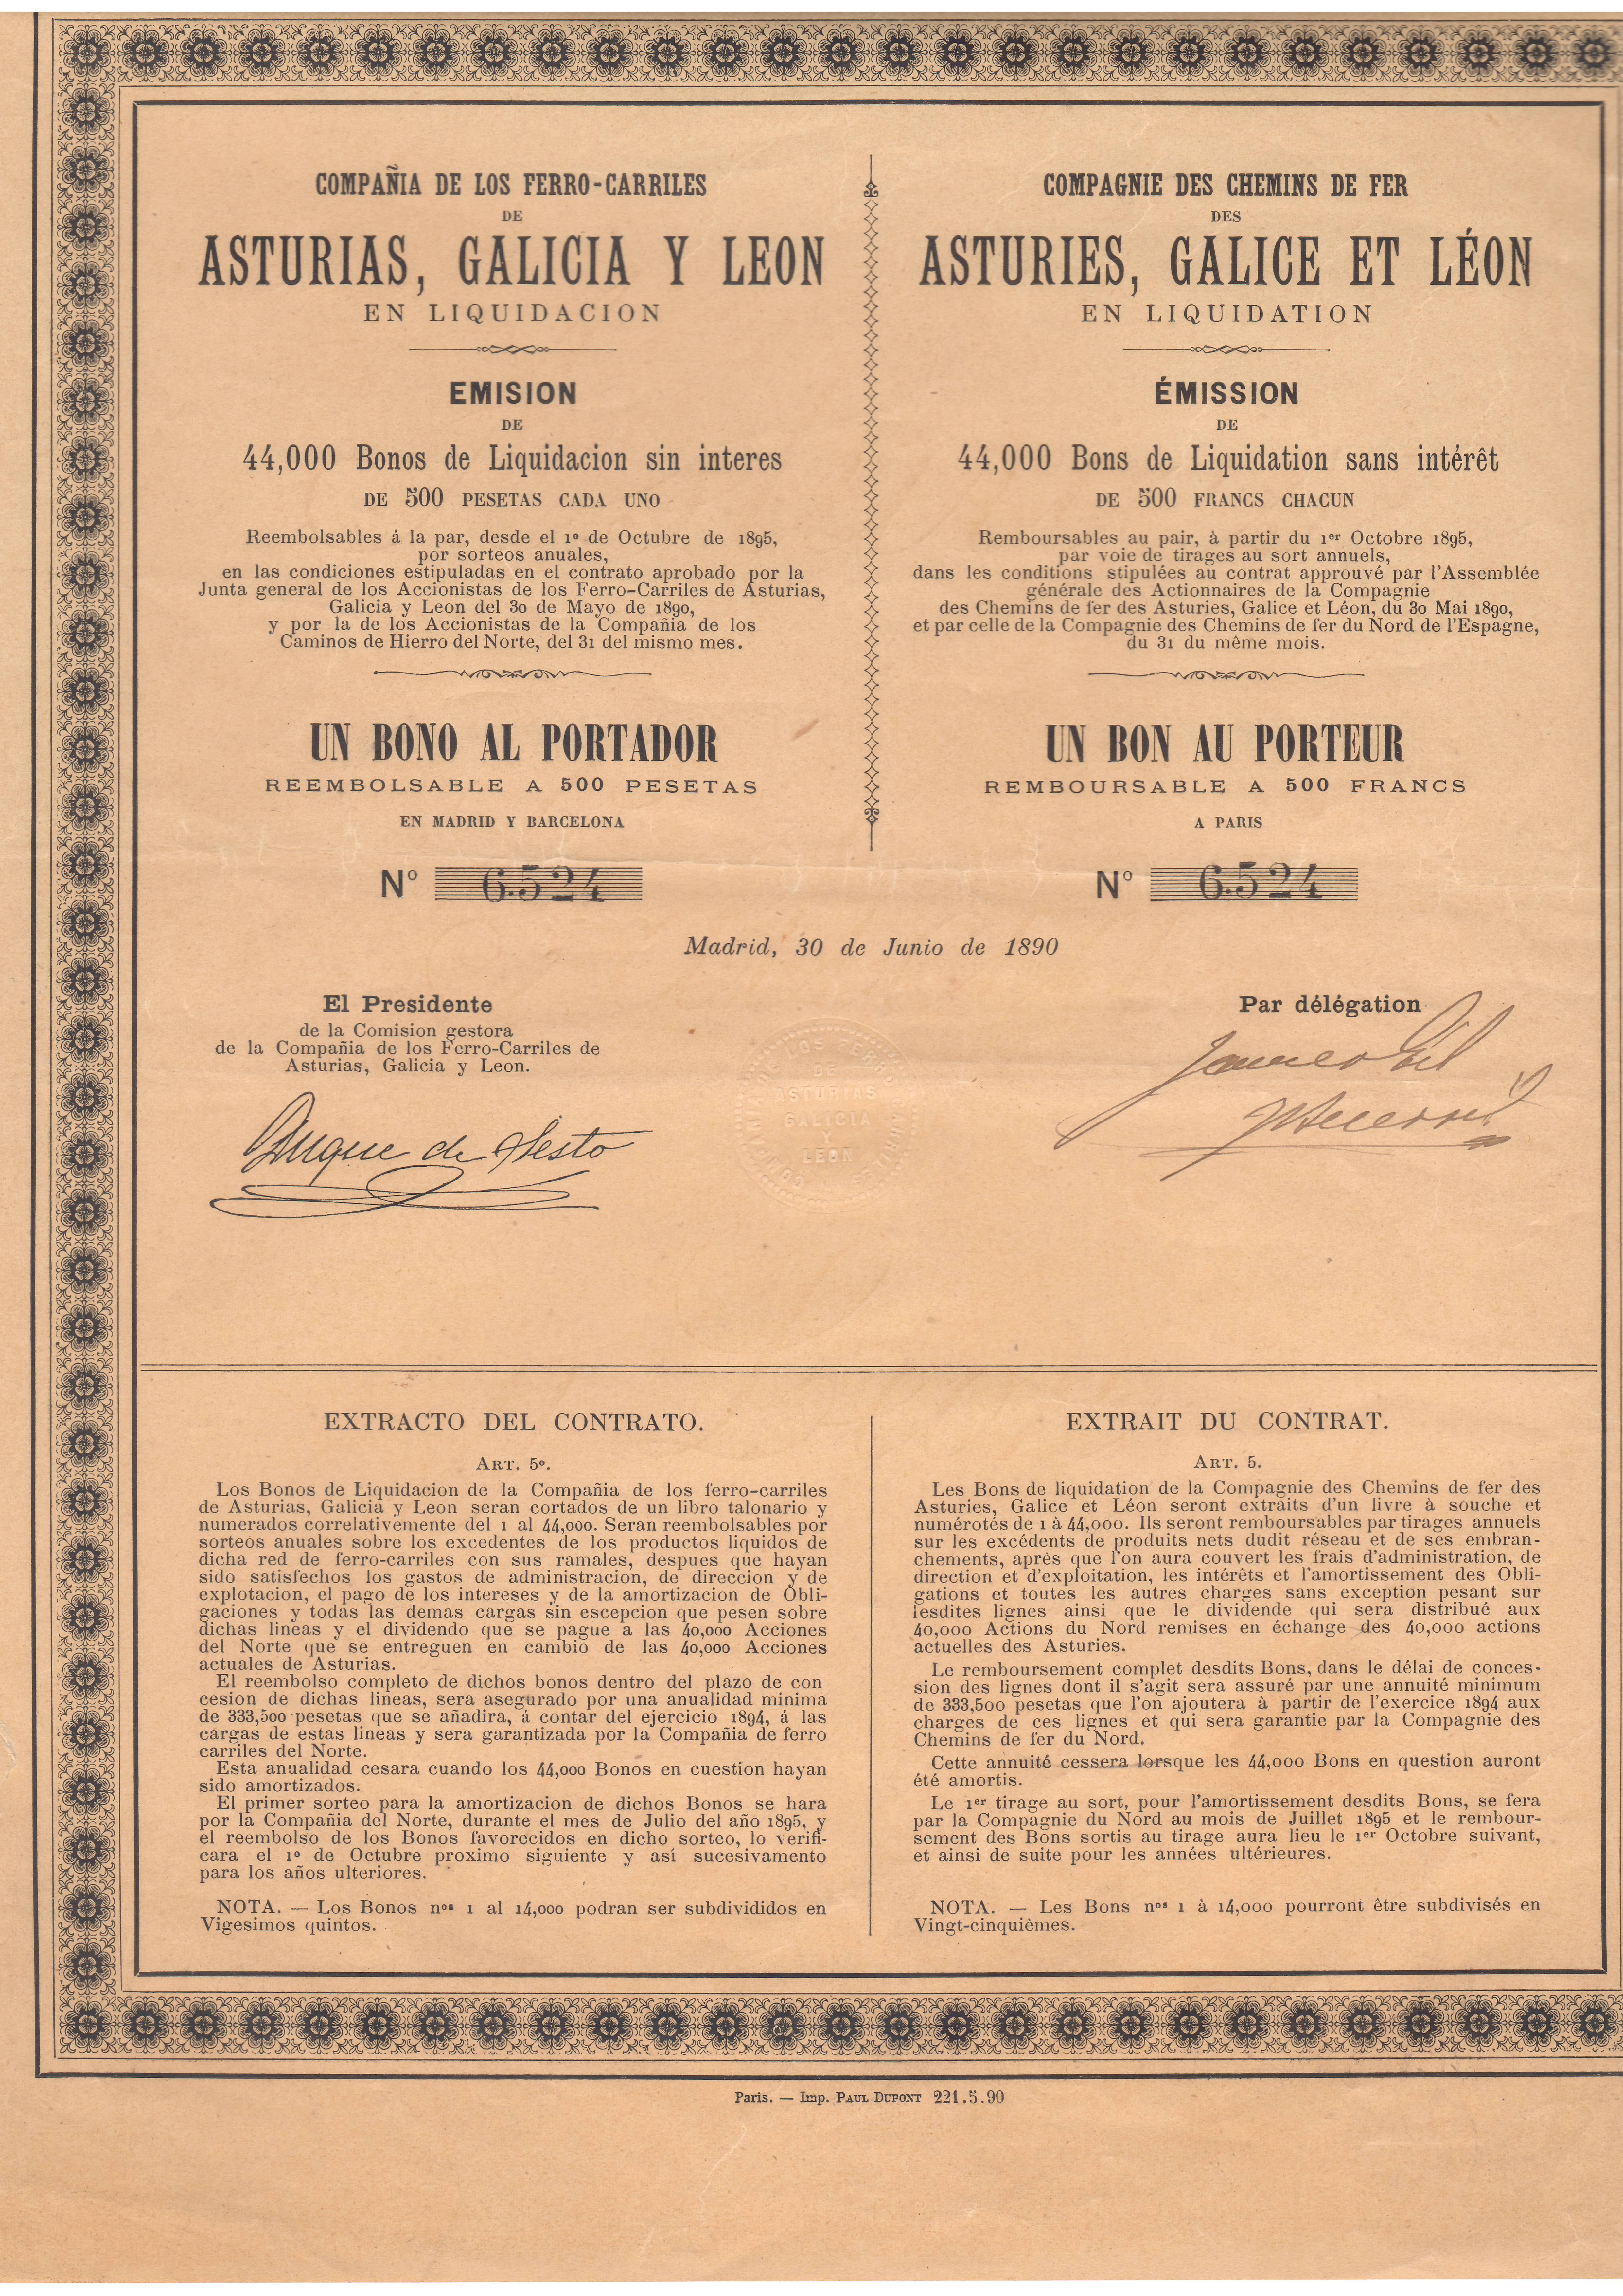 Compañía de los Ferrocarriles de Asturias, Galicia y León en liquidación